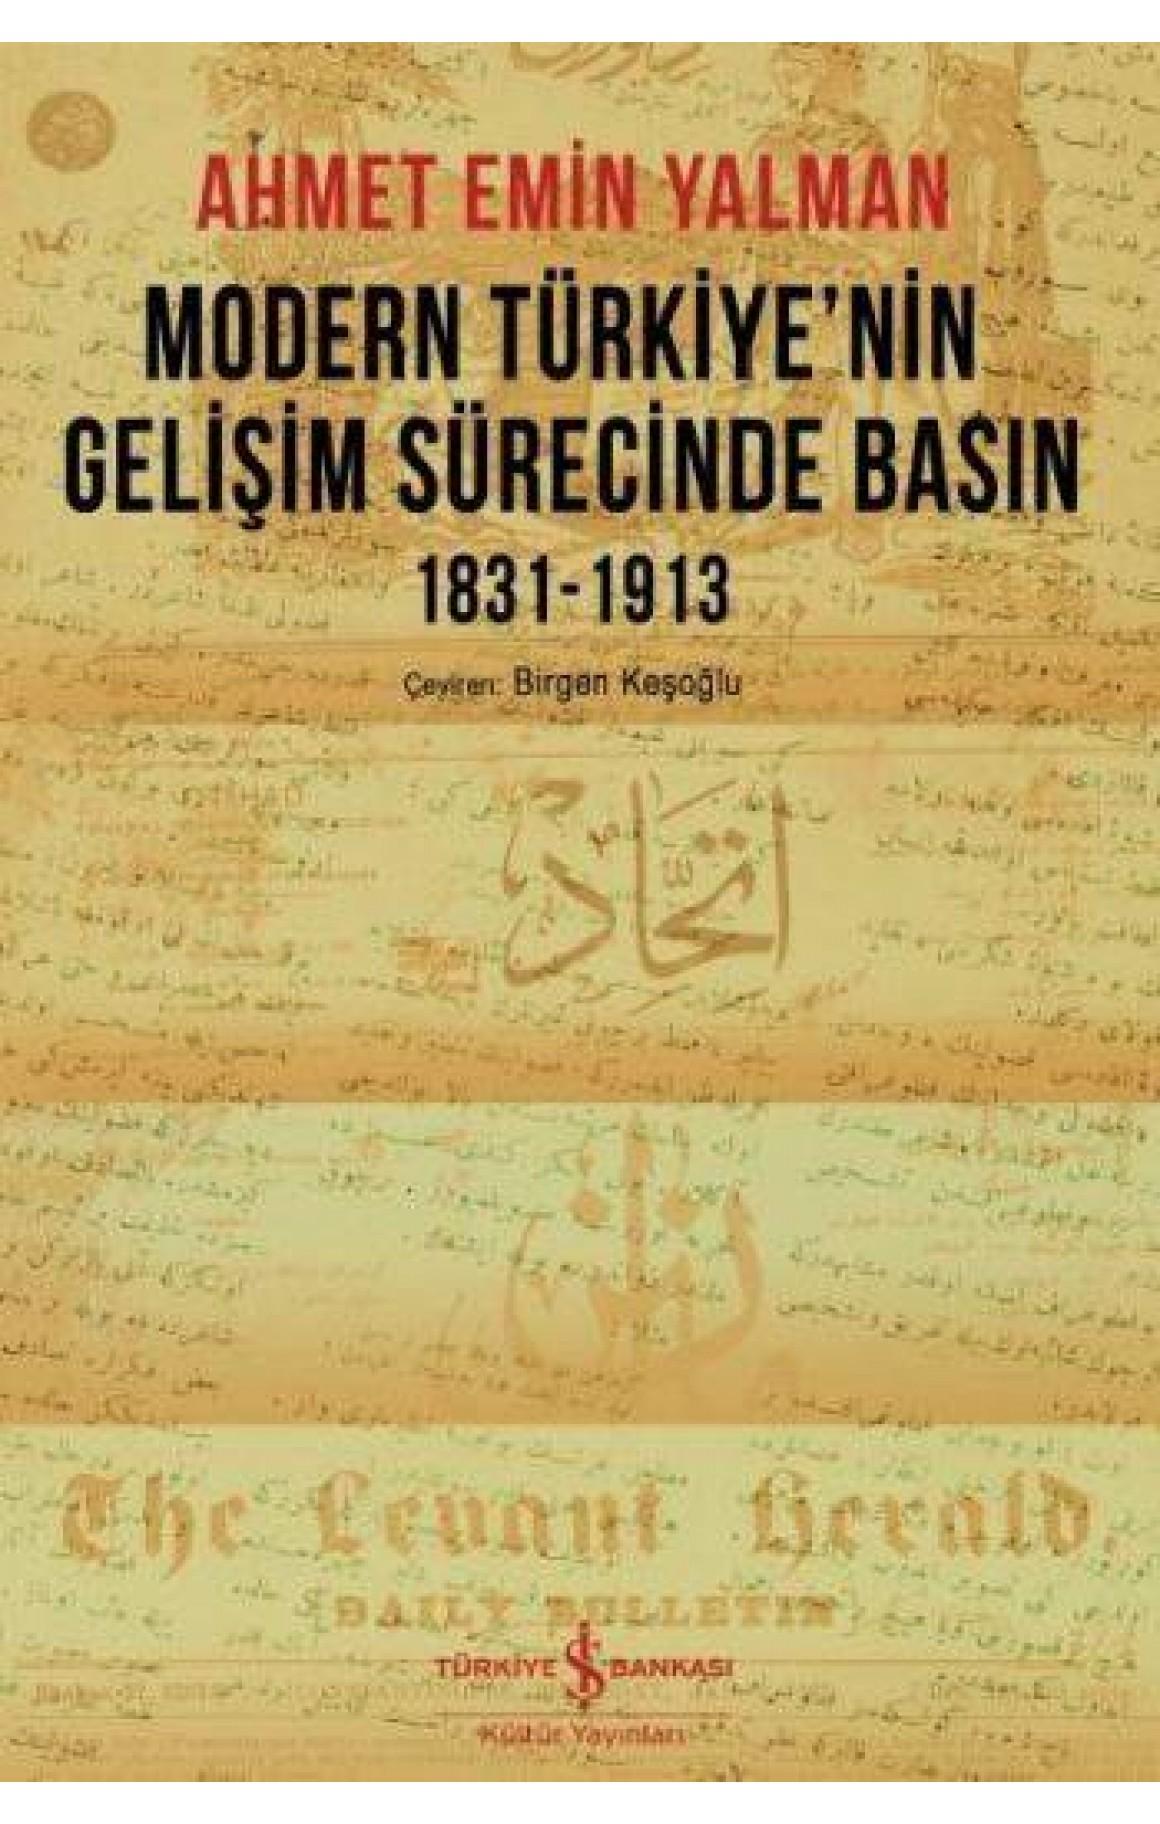 Modern Türkiye'nin Gelişim Sürecinde Basın 1831-1913